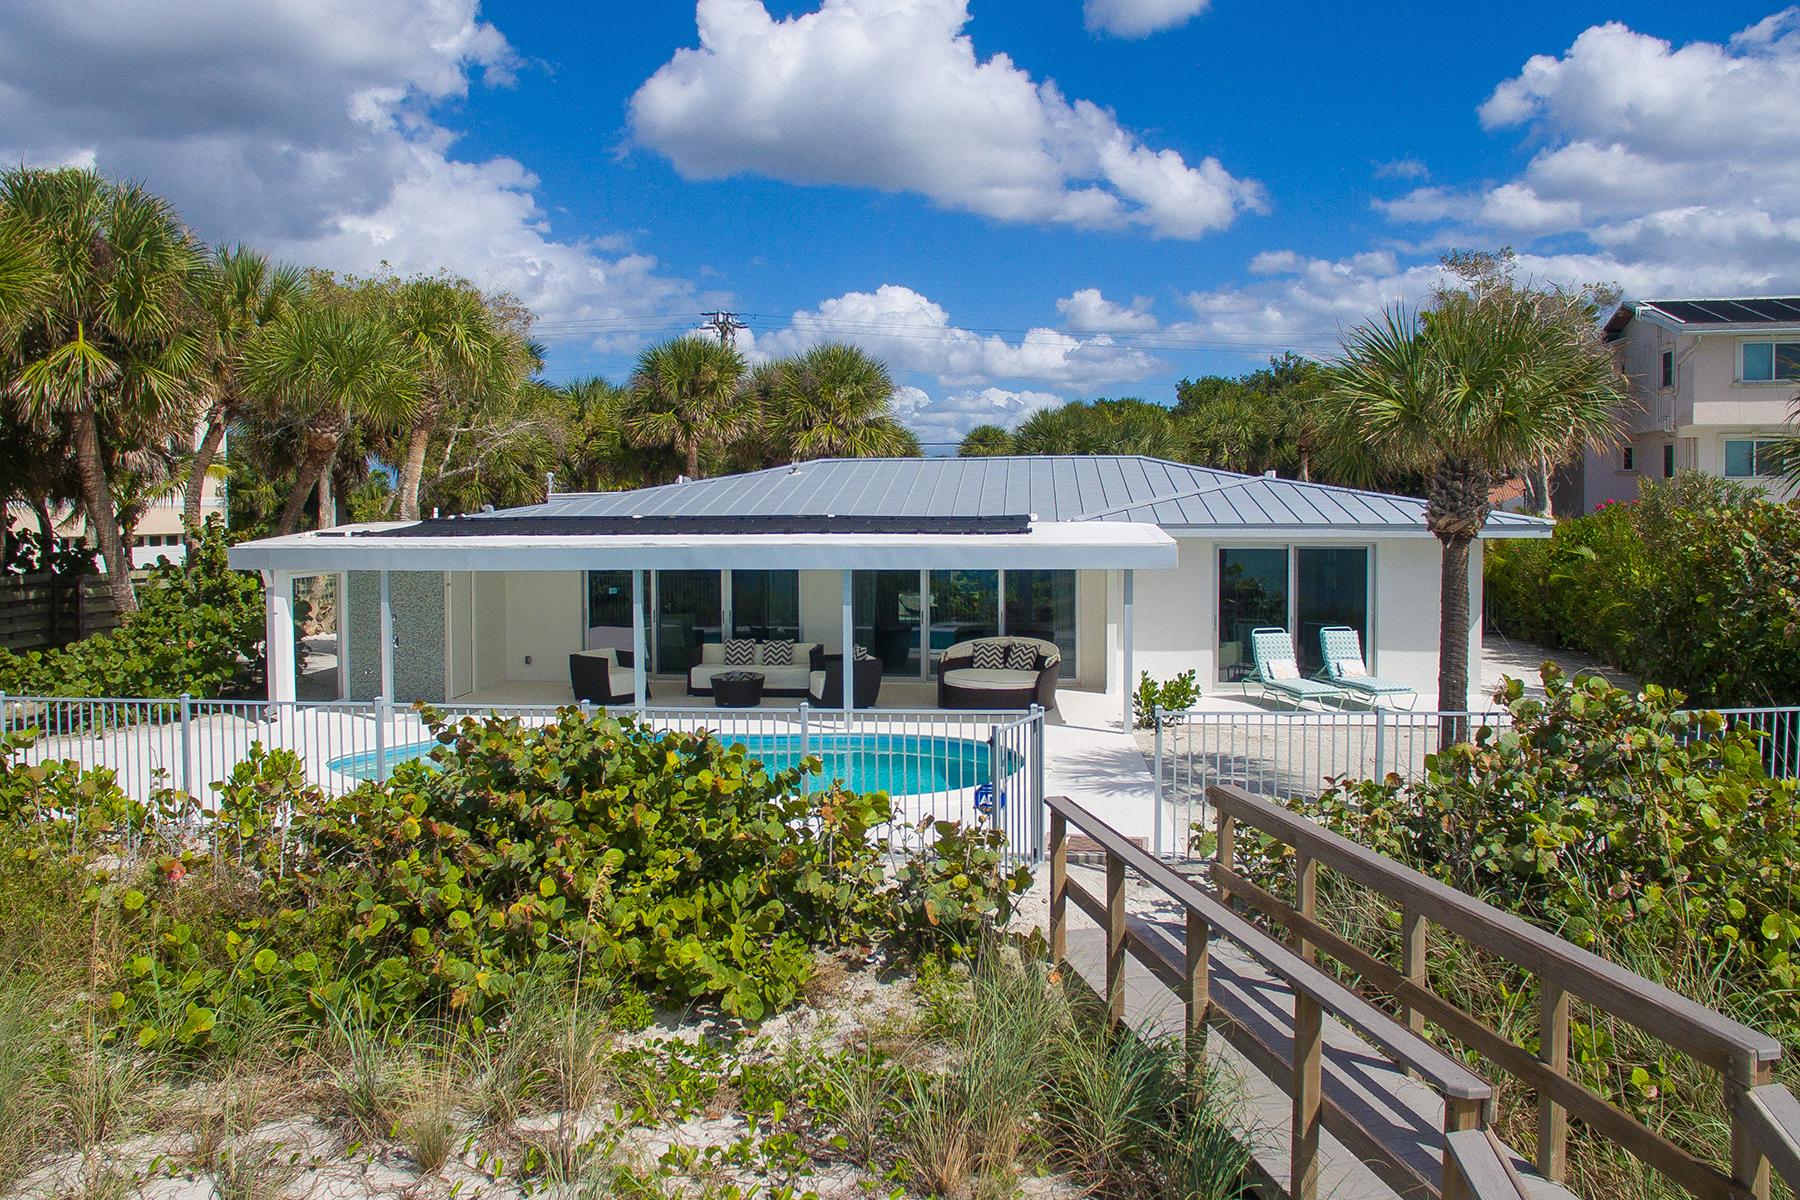 Casa Unifamiliar por un Venta en MANASOTA KEY ISLAND 8040 Manasota Key Rd Englewood, Florida, 34223 Estados Unidos